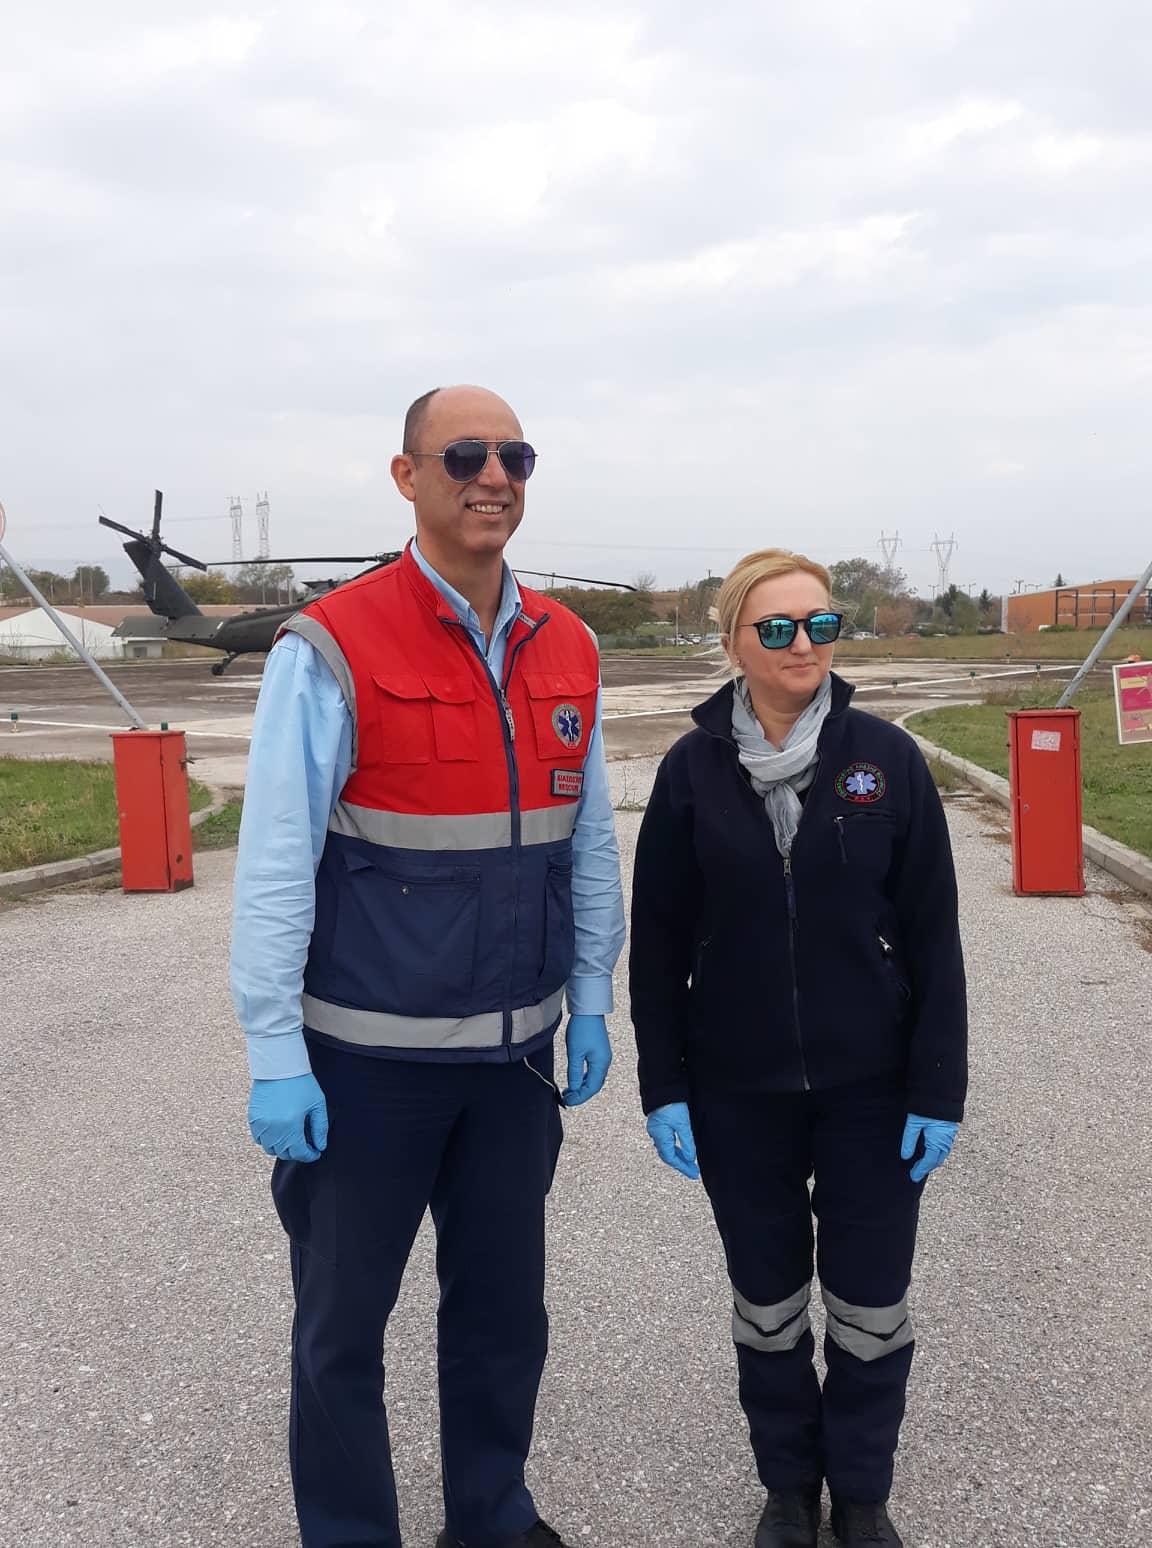 Αεροδιακομιδή Αμερικανού στρατιώτη στο Πανεπιστημιακό της Λάρισας - Φωτό και βίντεο από εντυπωσιακή άσκηση